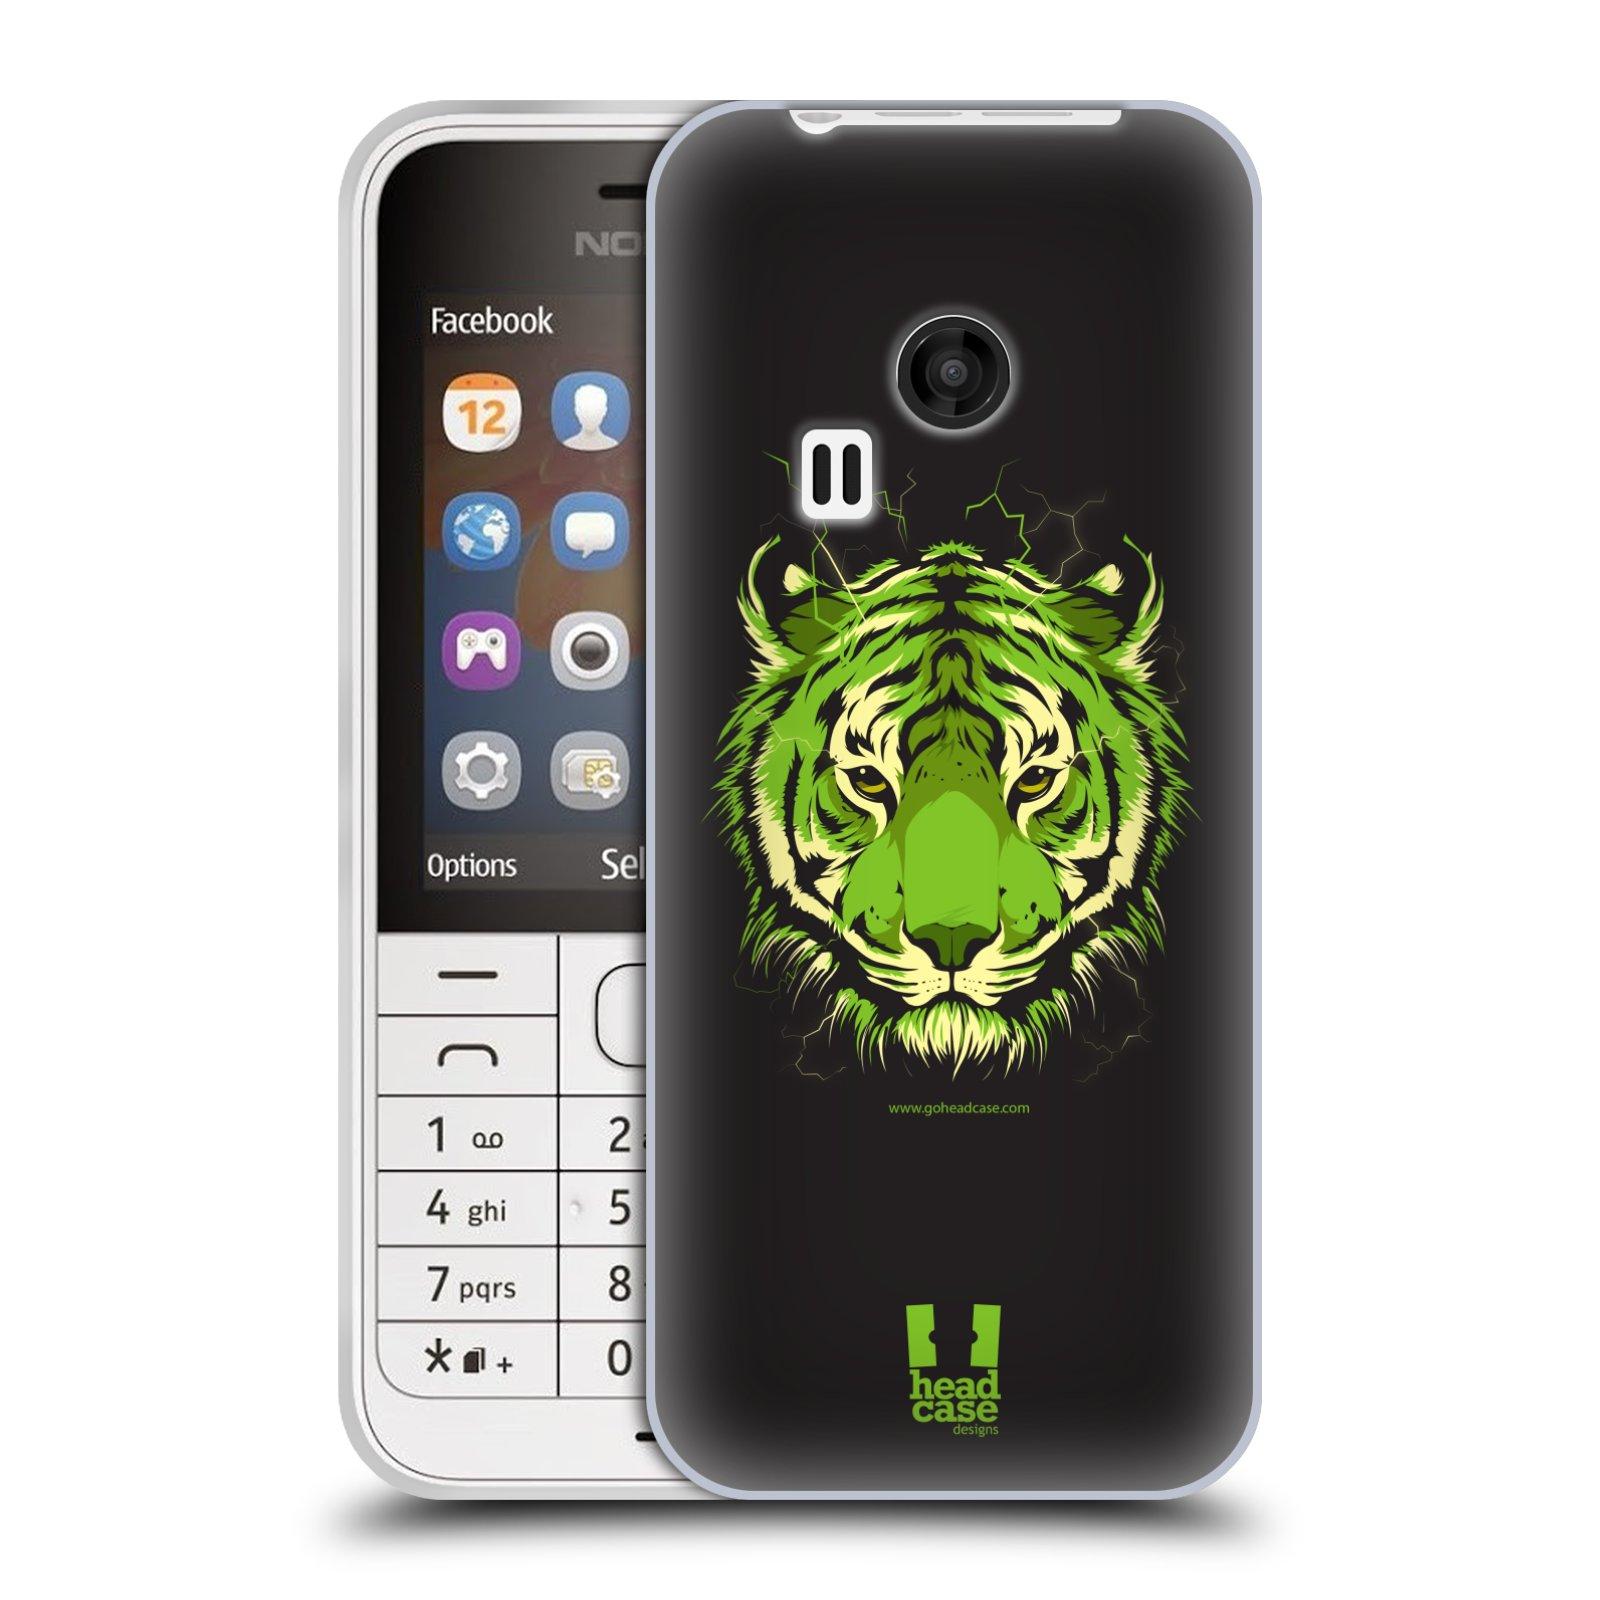 Silikonové pouzdro na mobil Nokia 220 HEAD CASE BENGÁLSKÝ TYGR (Silikonový kryt či obal na mobilní telefon Nokia 220 a 220 Dual SIM)